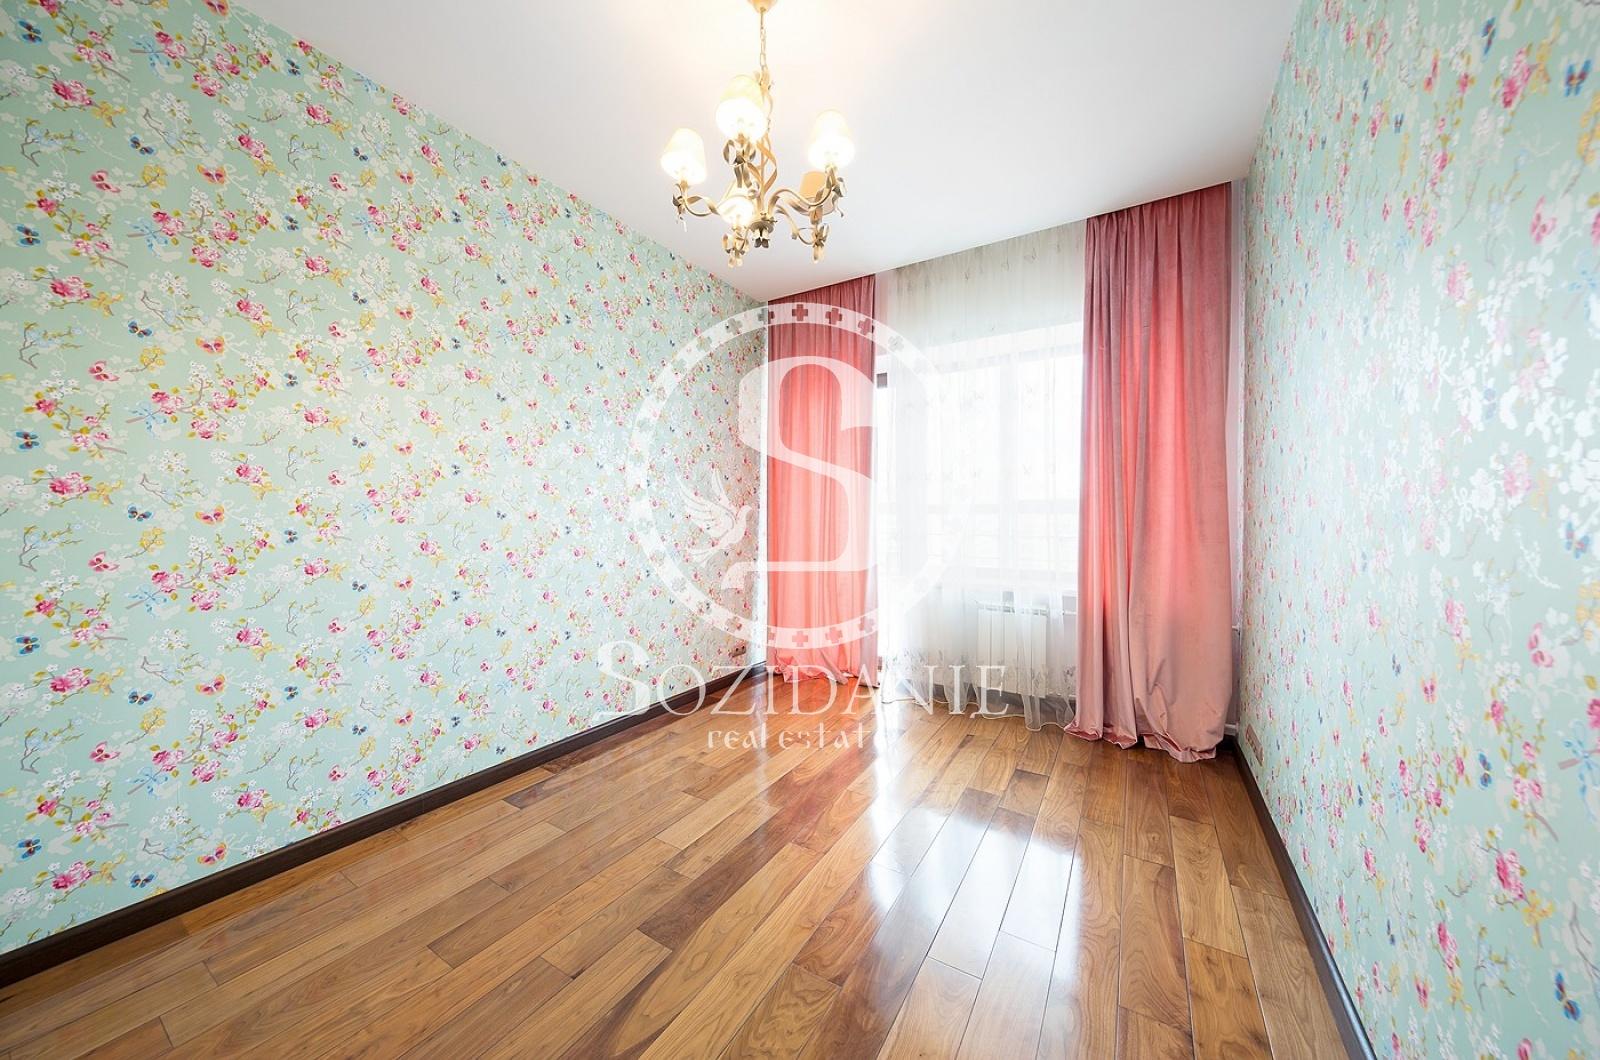 4 Комнаты, Городская, Аренда, Улица Новосущевская, Listing ID 3505, Москва, Россия,